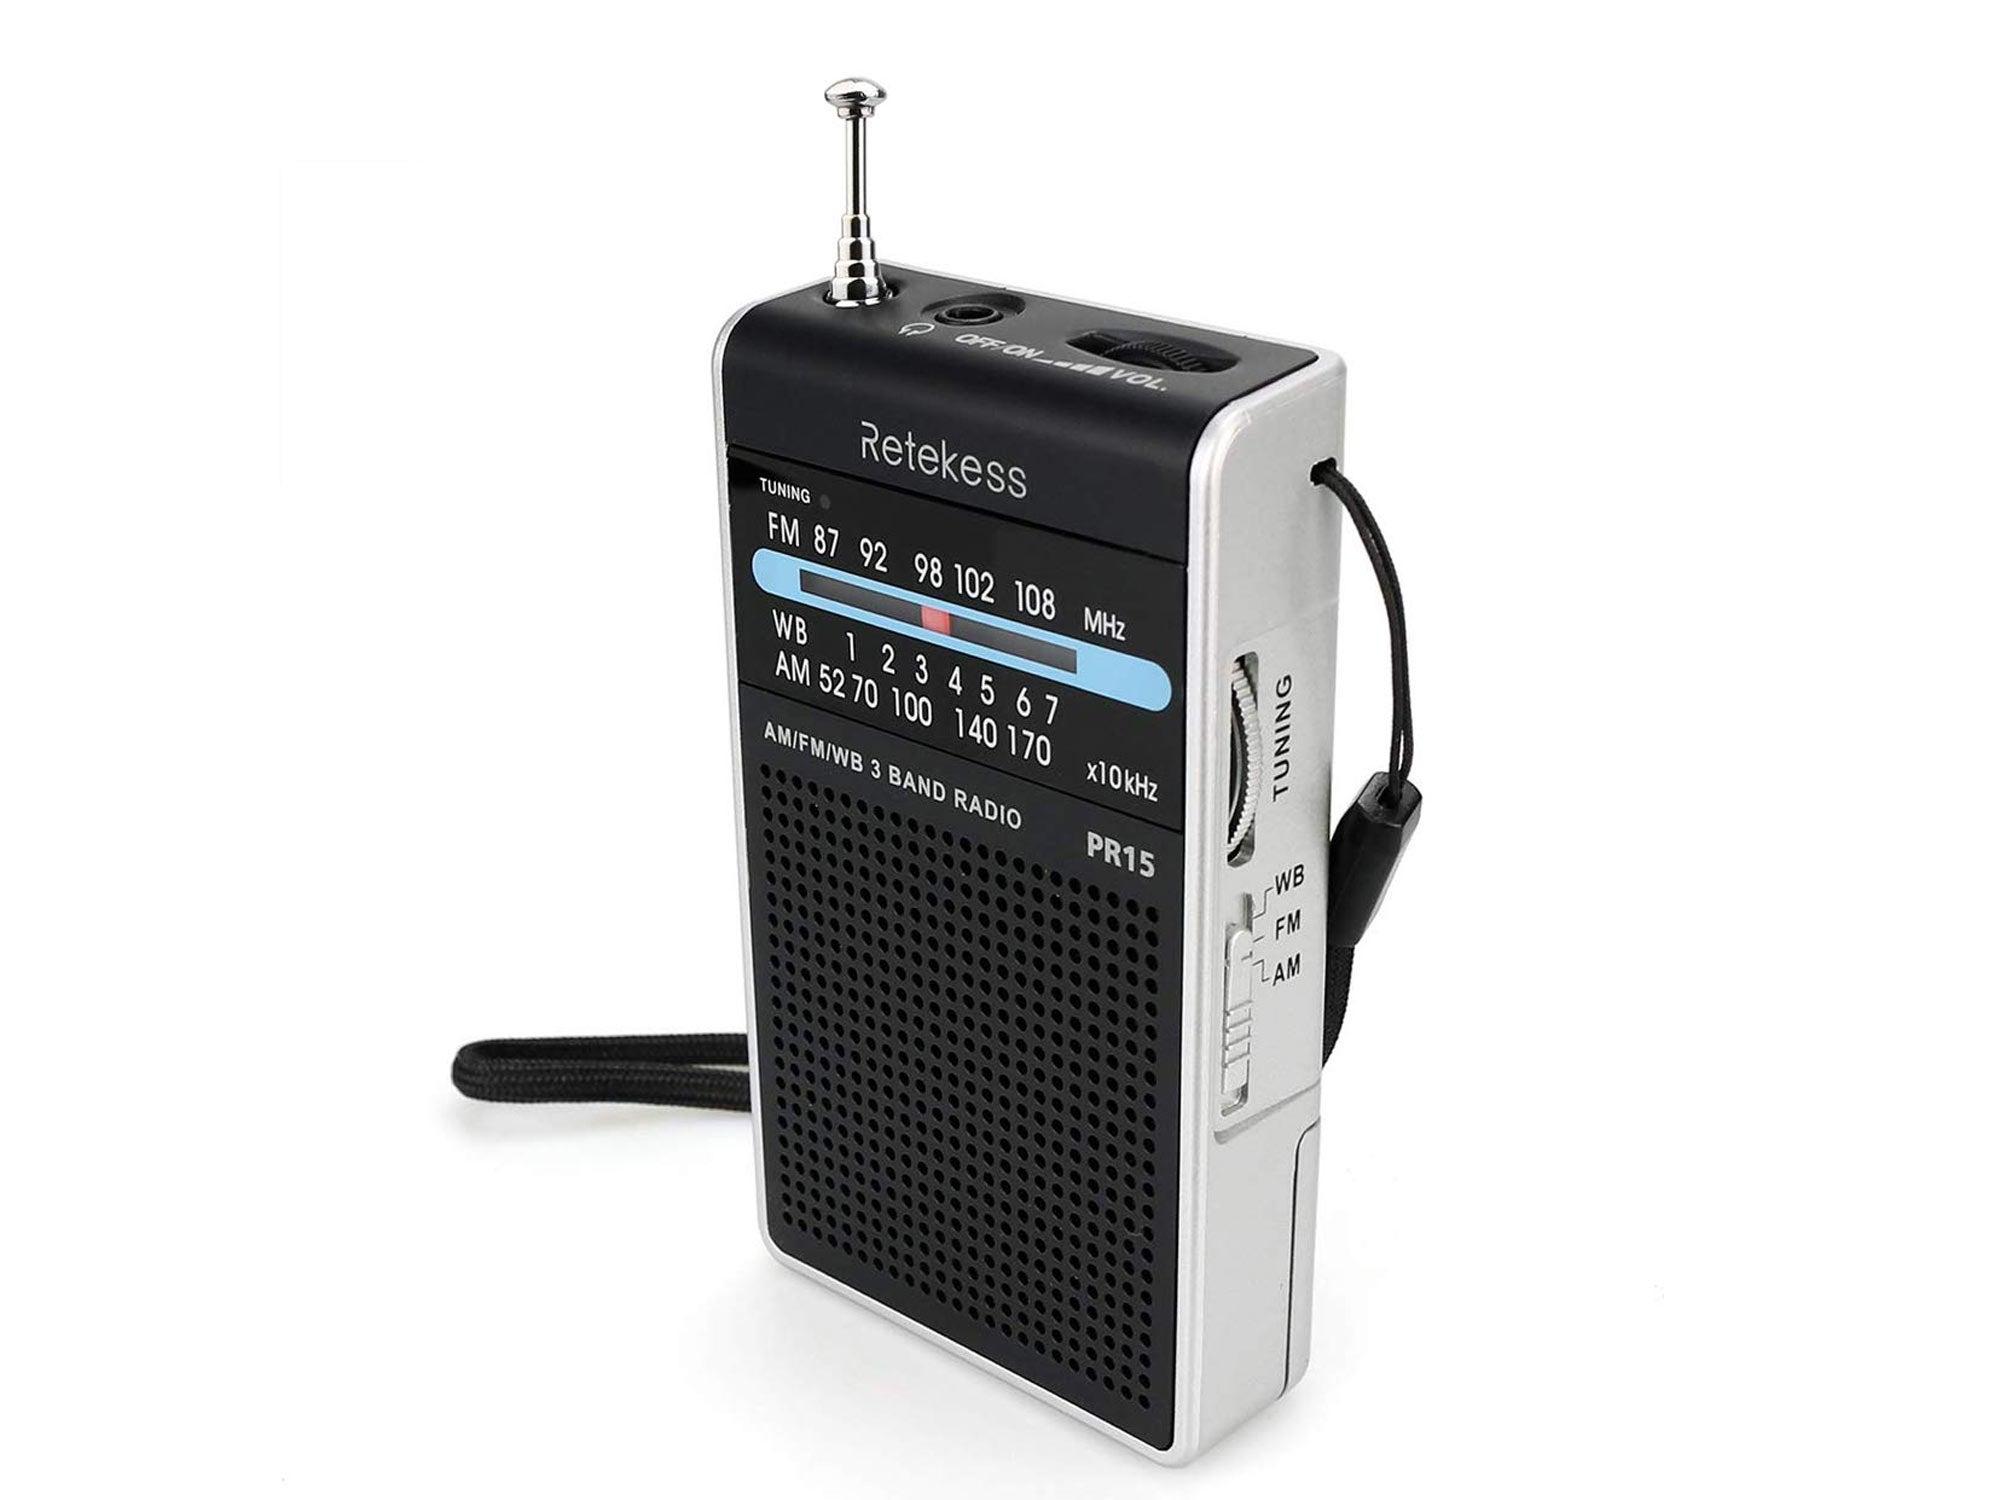 Retekess weather radio